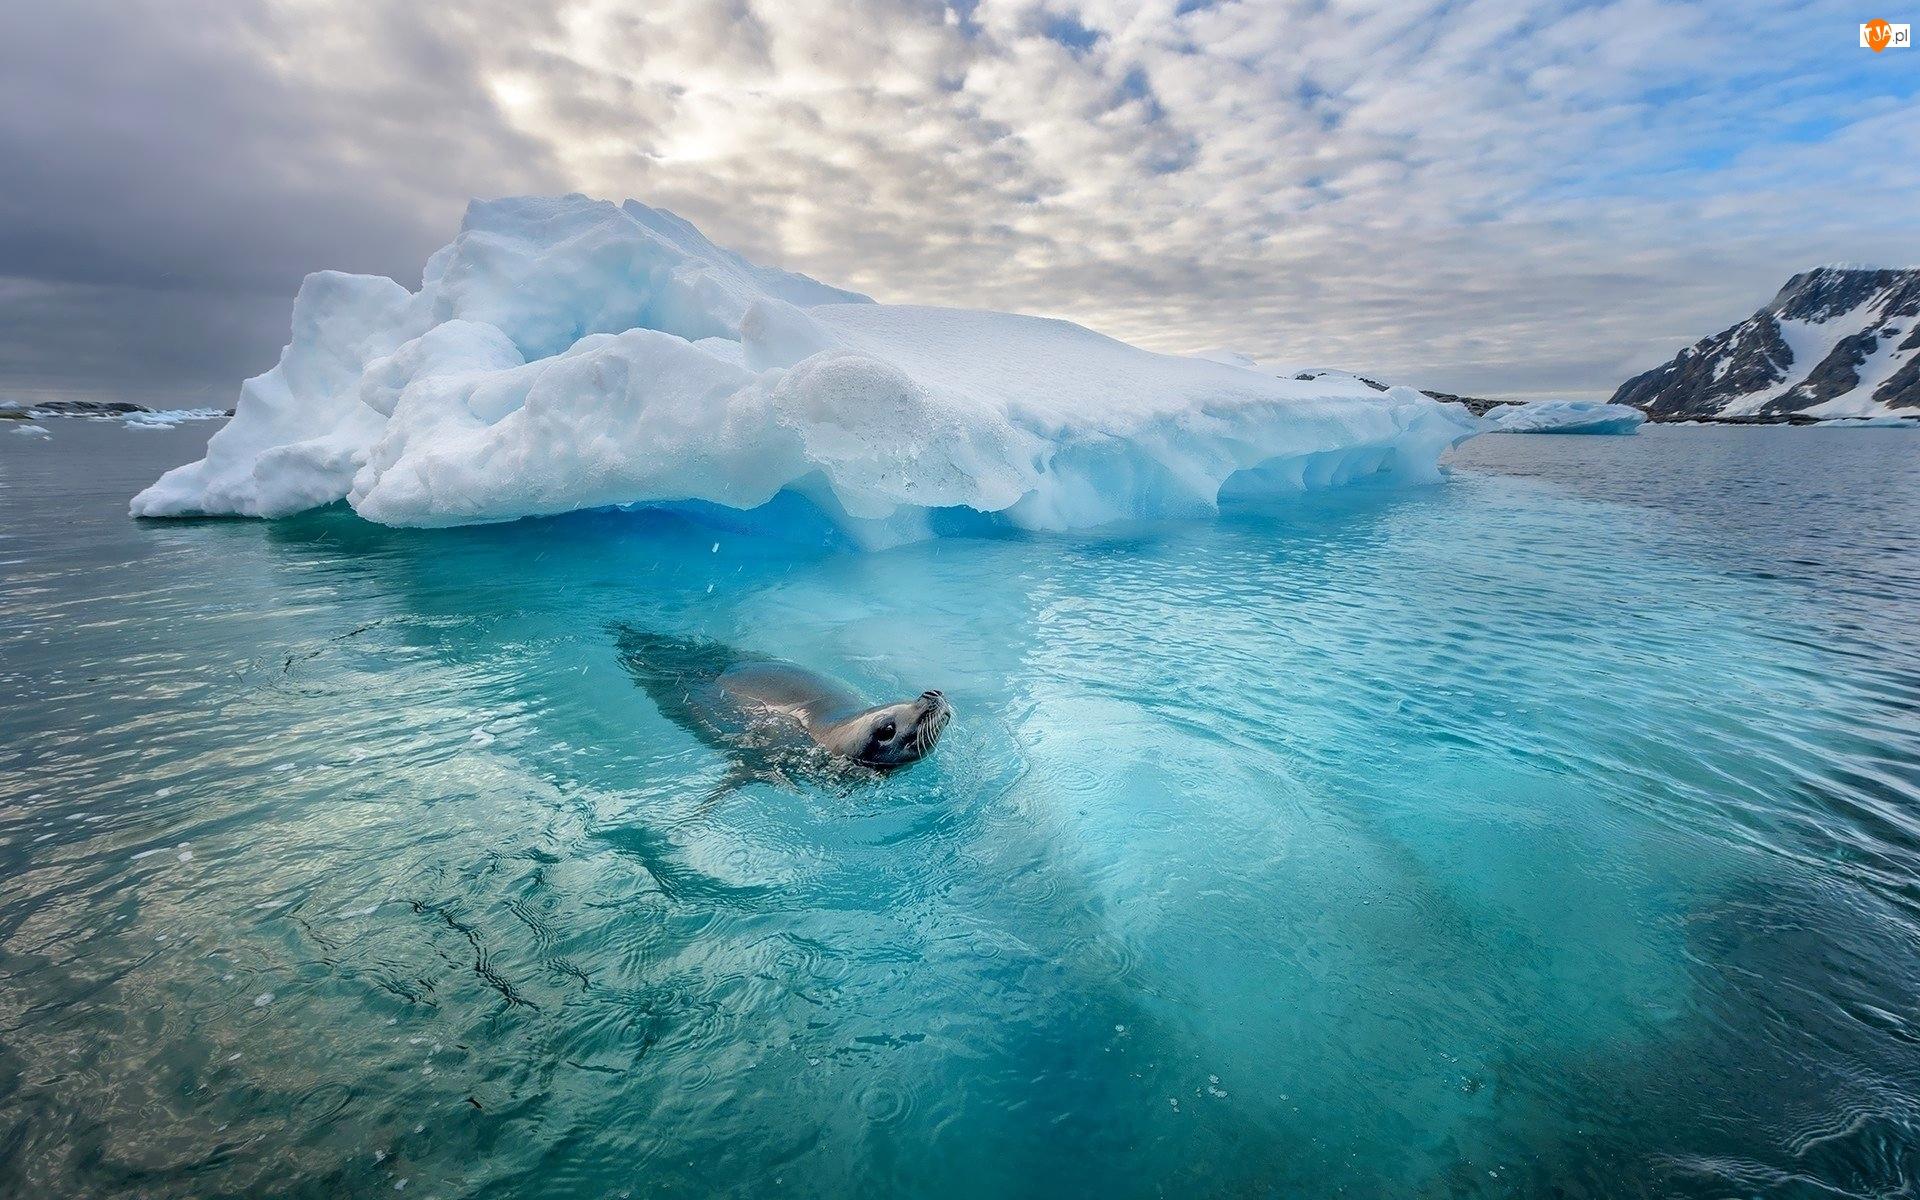 Foka, Morze, Zima